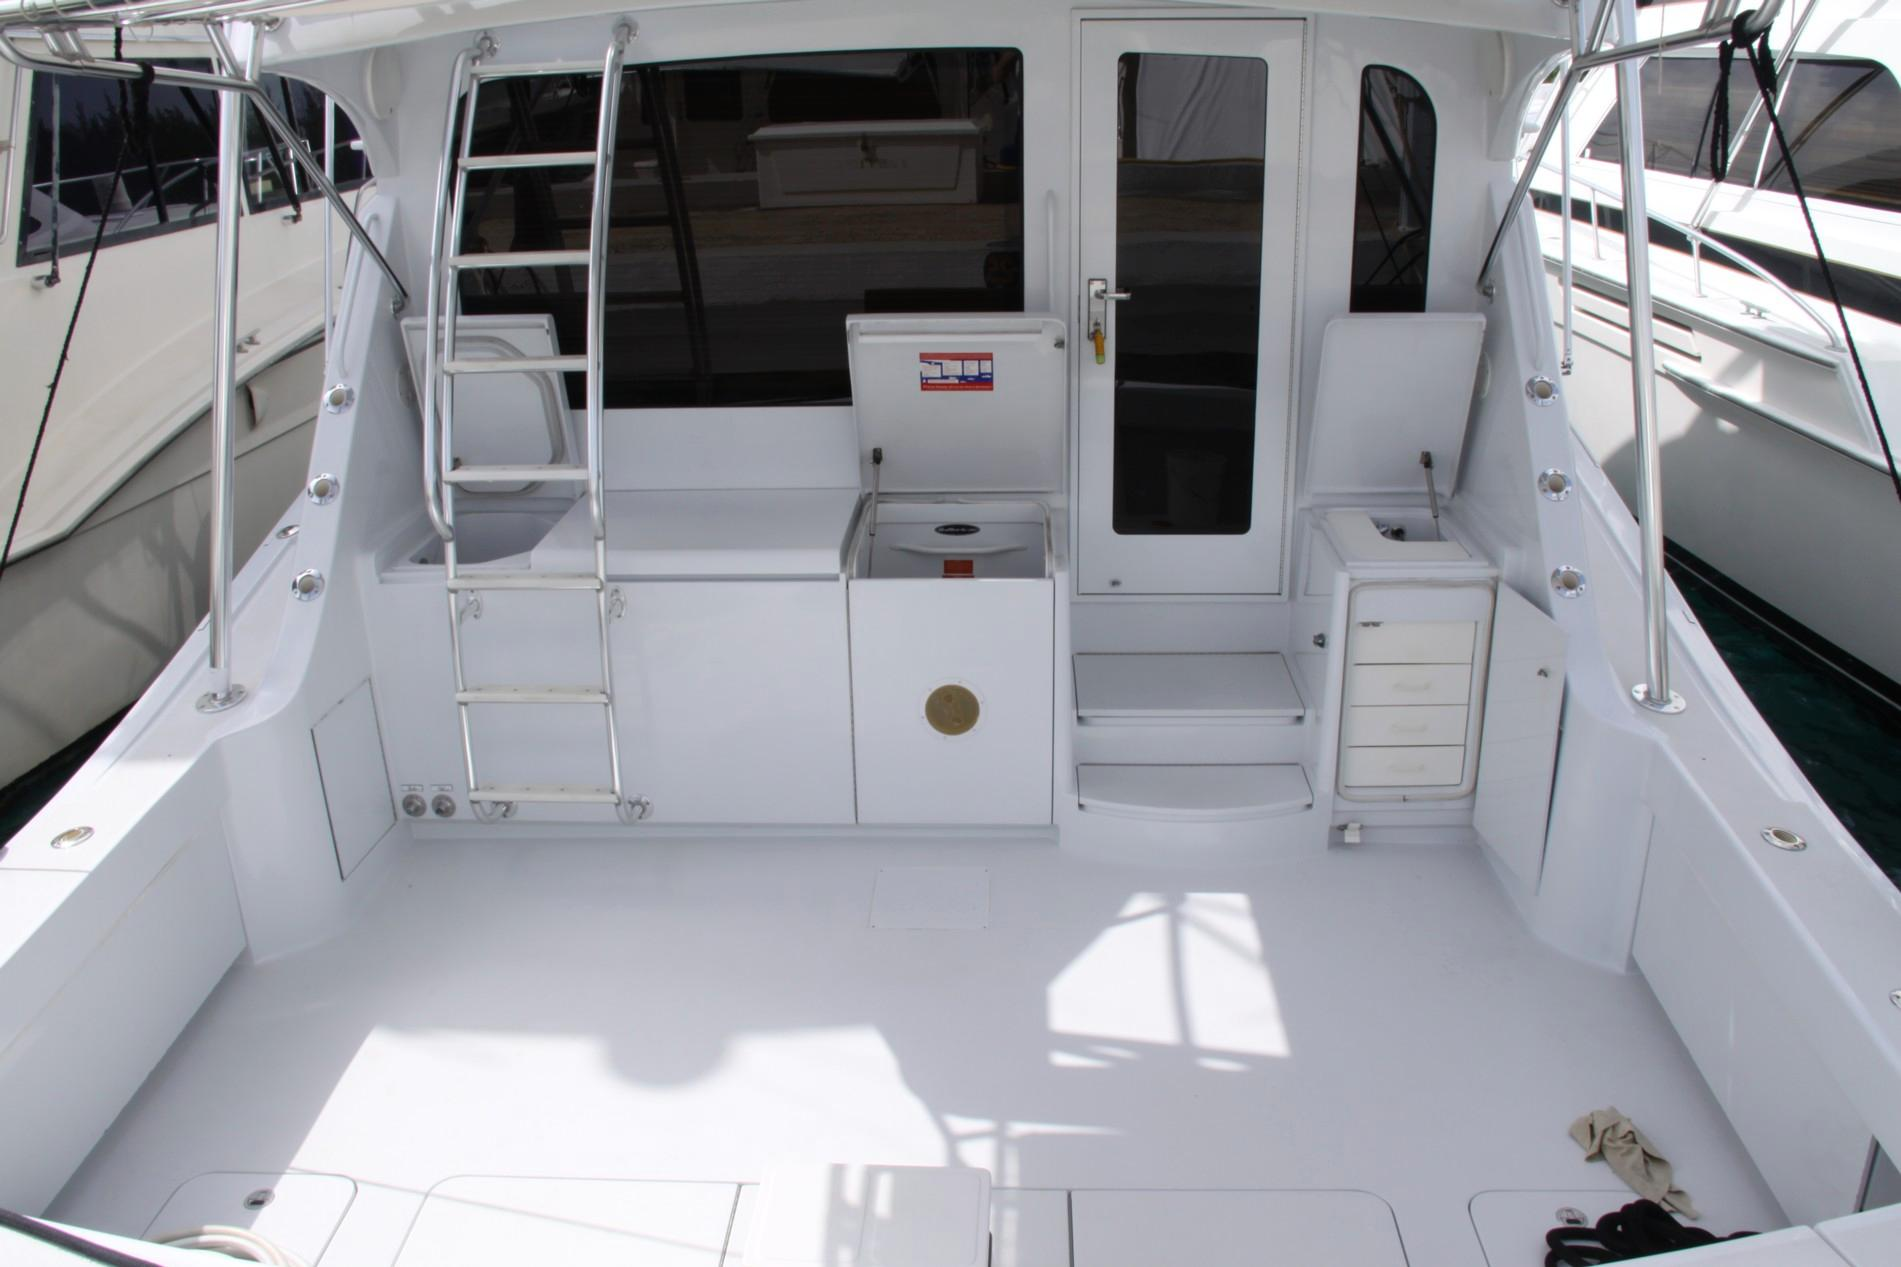 Cockpit View